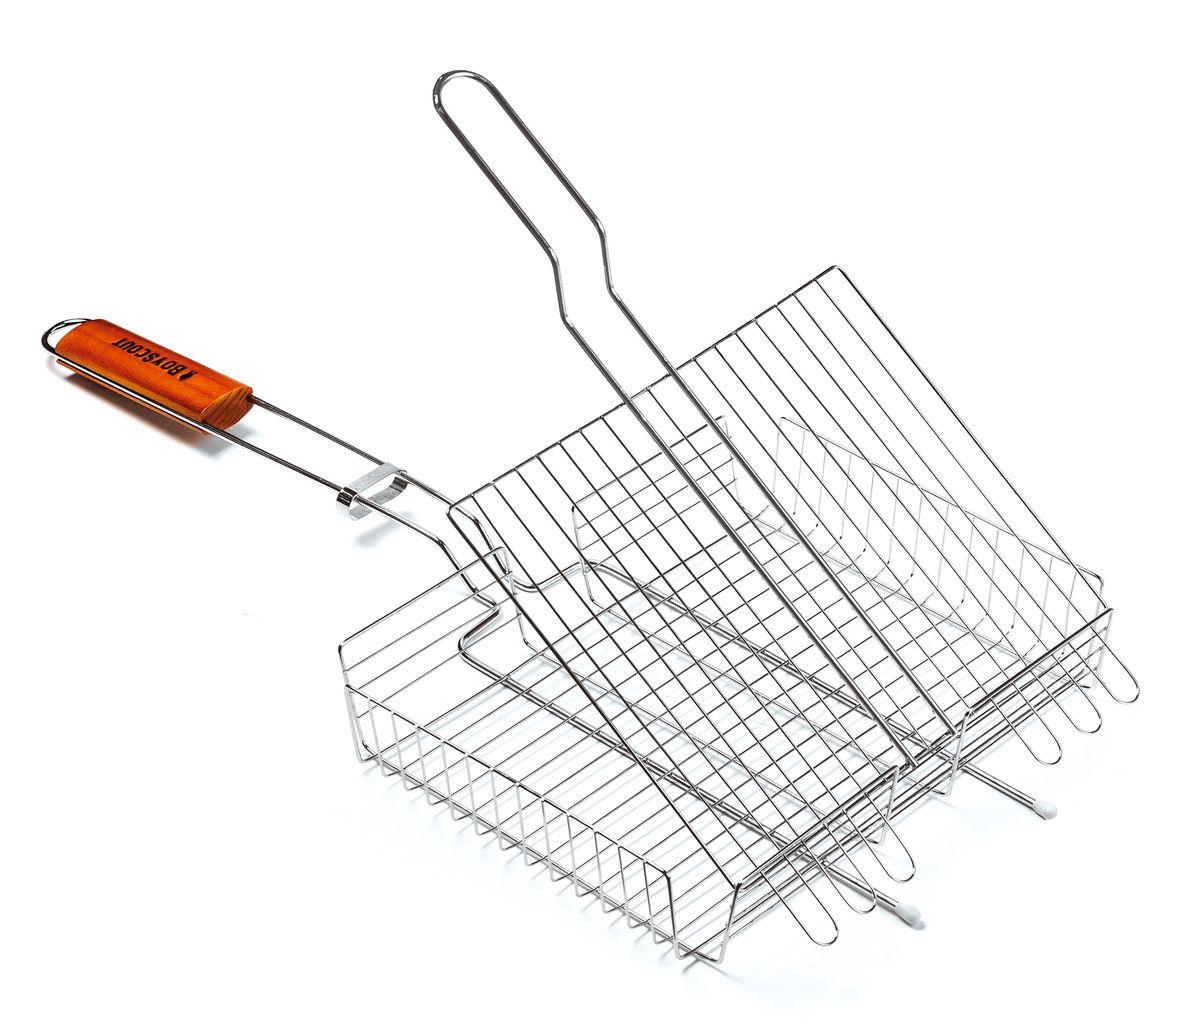 Решетка-гриль Boyscout, универсальная, 30 см х 25 см61302Решетка-гриль Boyscout предназначена для приготовления мяса, рыбы, птицы, овощей на открытом воздухе. Изготовлена из высококачественной стали с пищевым хромированным покрытием. Идеально подходит для мангалов и барбекю. Решетка имеет широкое фиксирующее кольцо на ручке, что обеспечивает надежную фиксацию. Специальная деревянная рукоятка предохраняет от ожогов, а также удобна для обхвата двумя руками, что позволяет легко переворачивать решетку. Размер решетки: 30 см x 25 см. Высота решетки: 4,5 см.